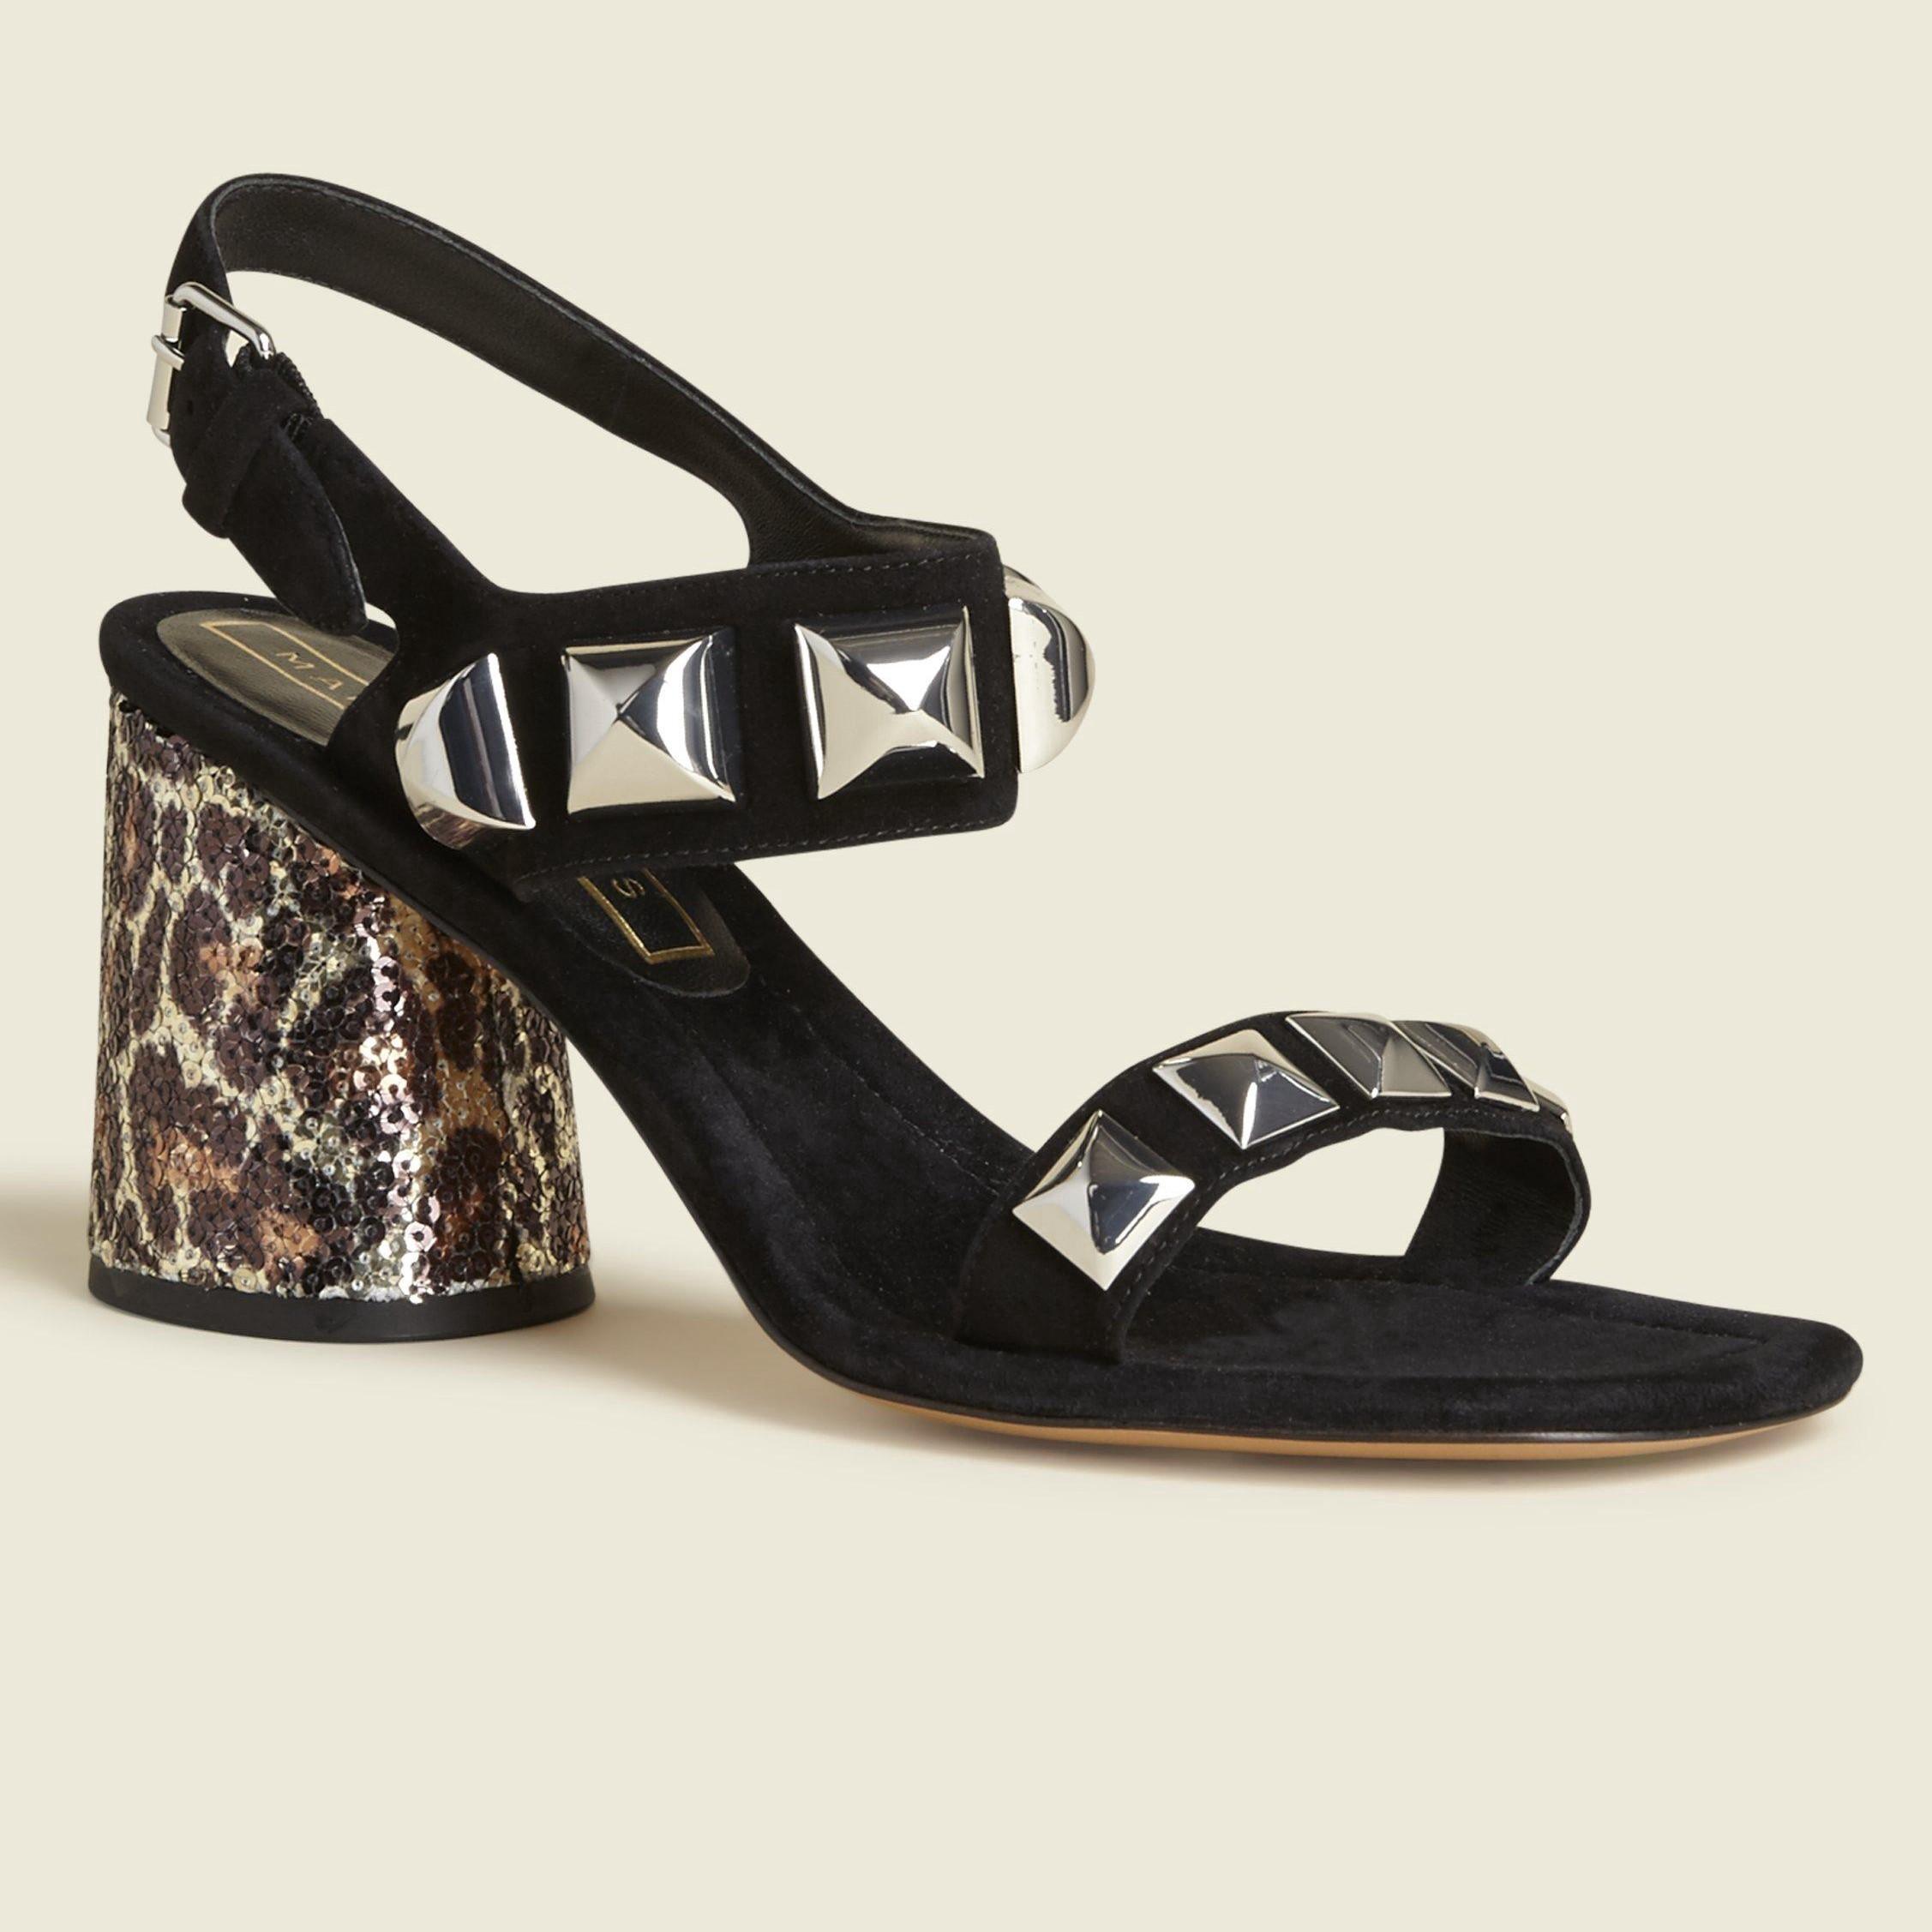 Marc Jacobs Emilie Studded Strap Sandal In Black Leather